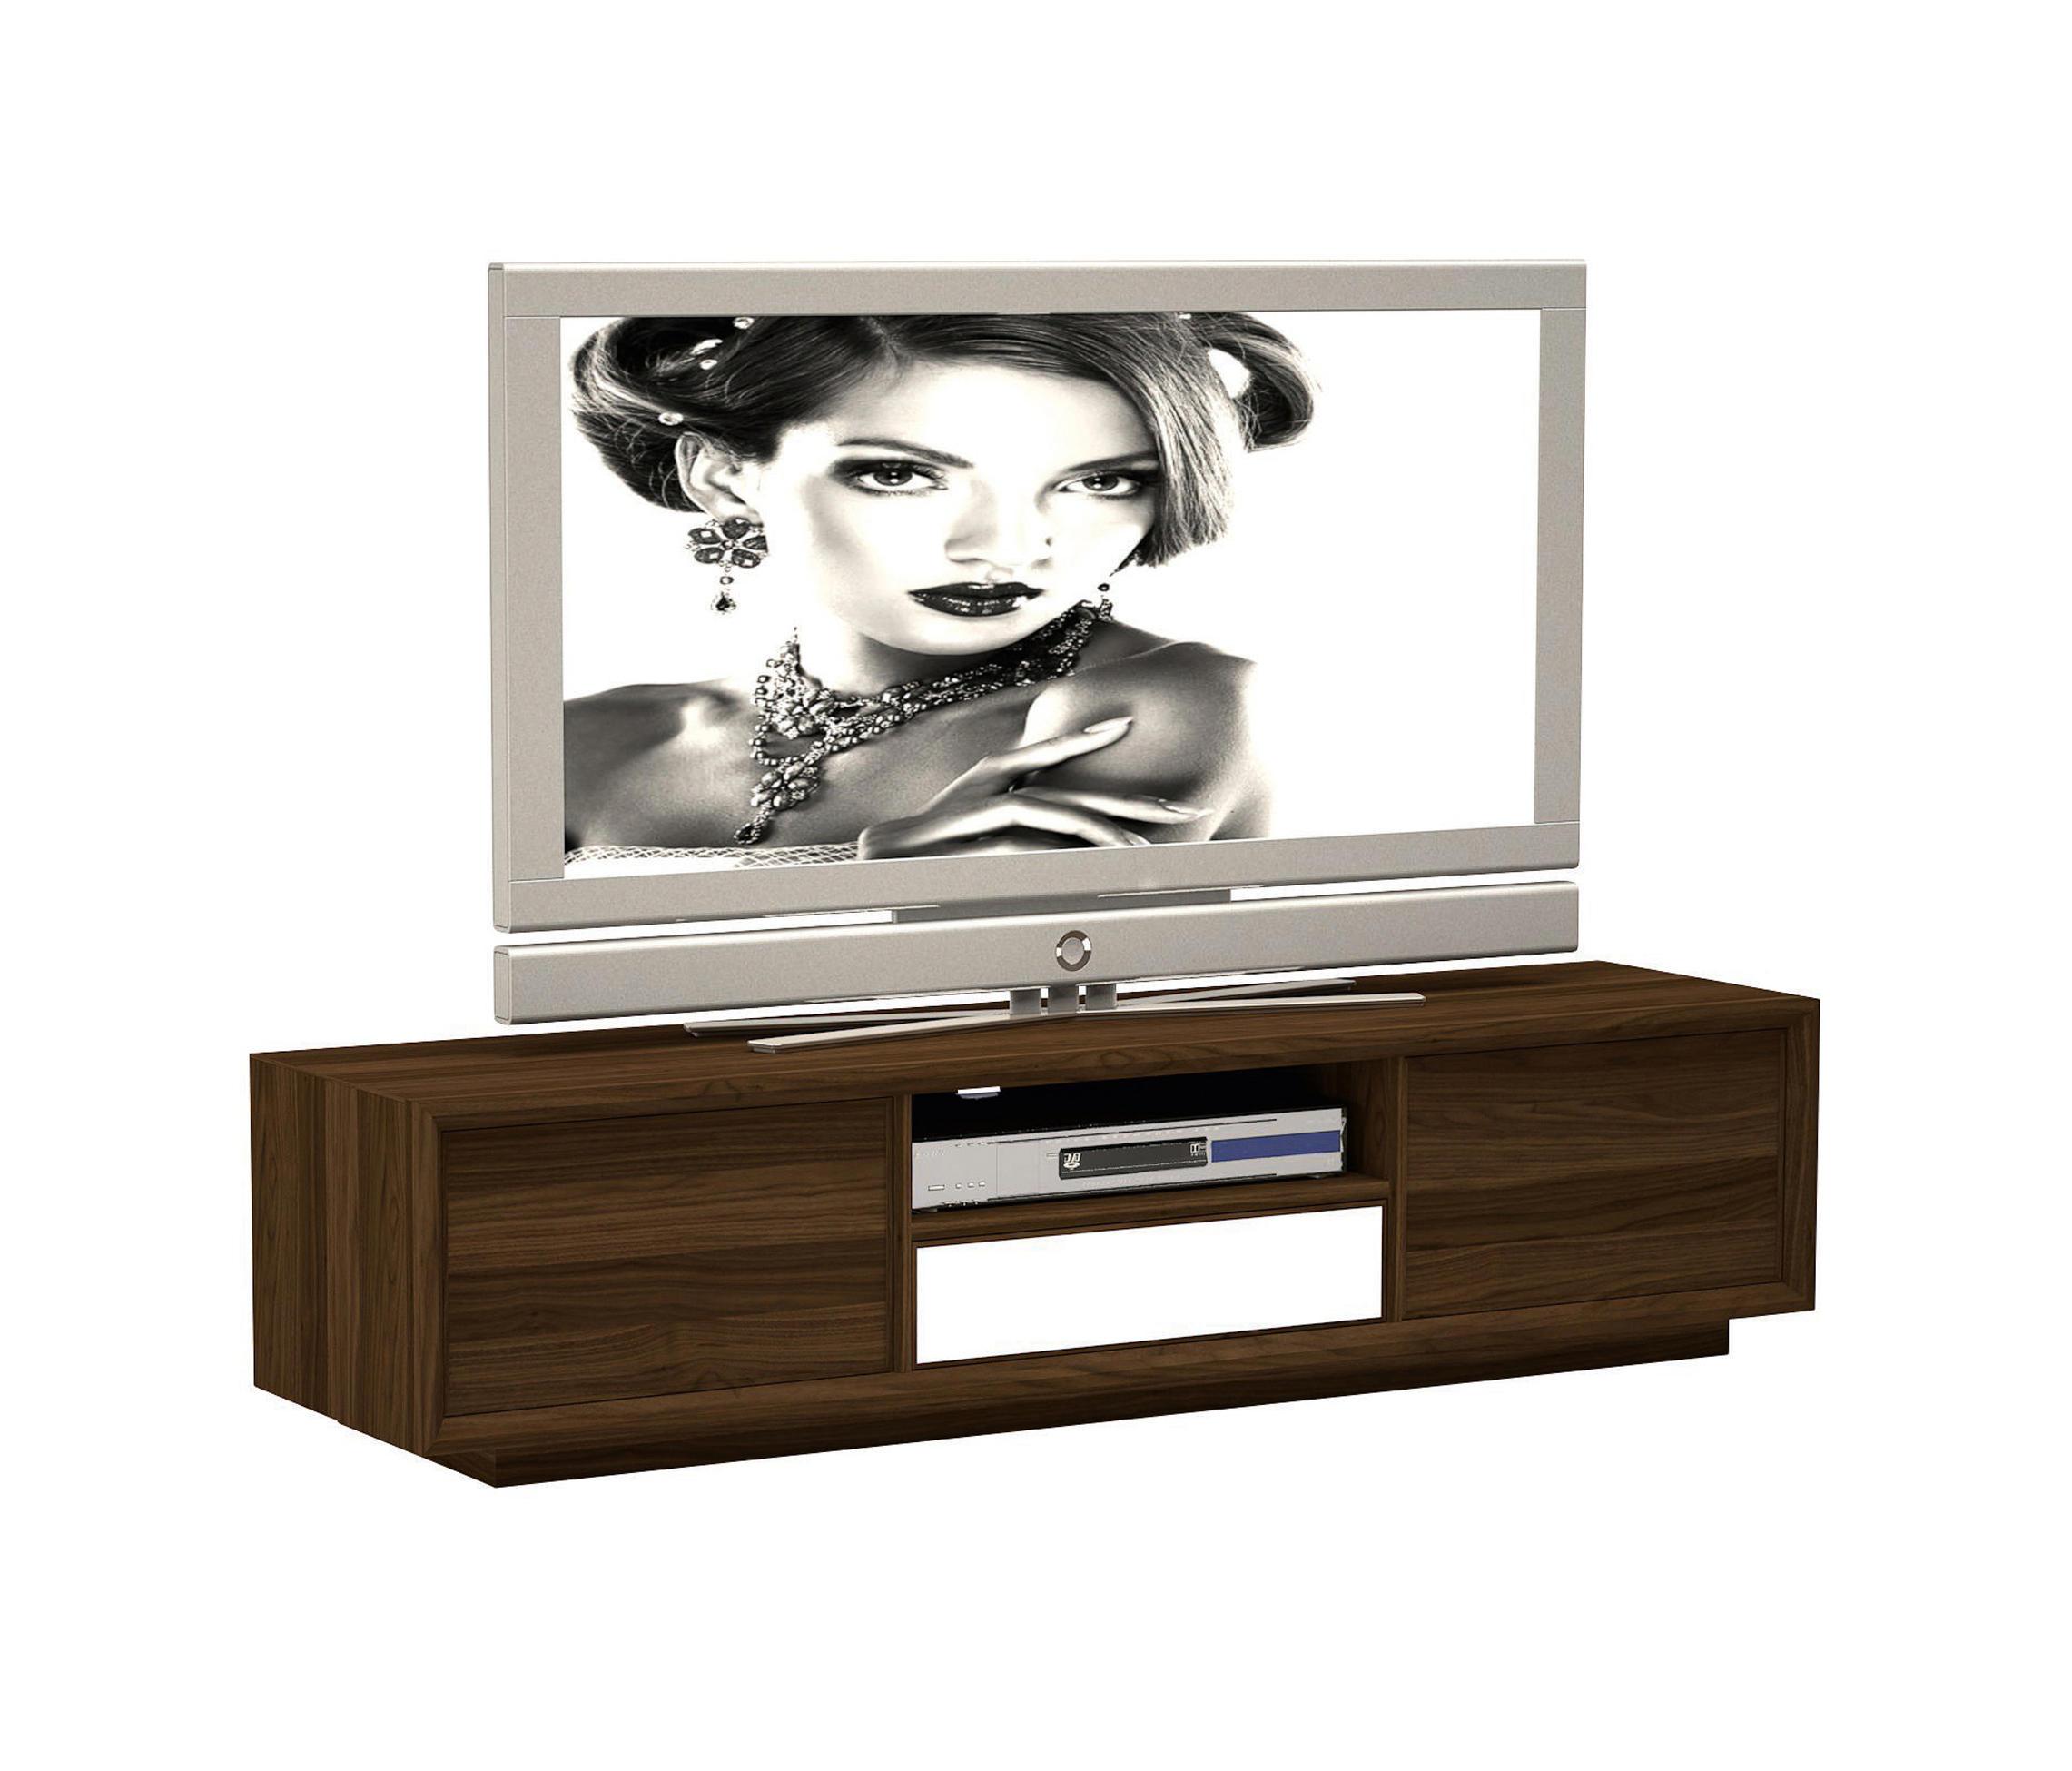 leonardo tv m bel selva timeless multimedia sideboards. Black Bedroom Furniture Sets. Home Design Ideas